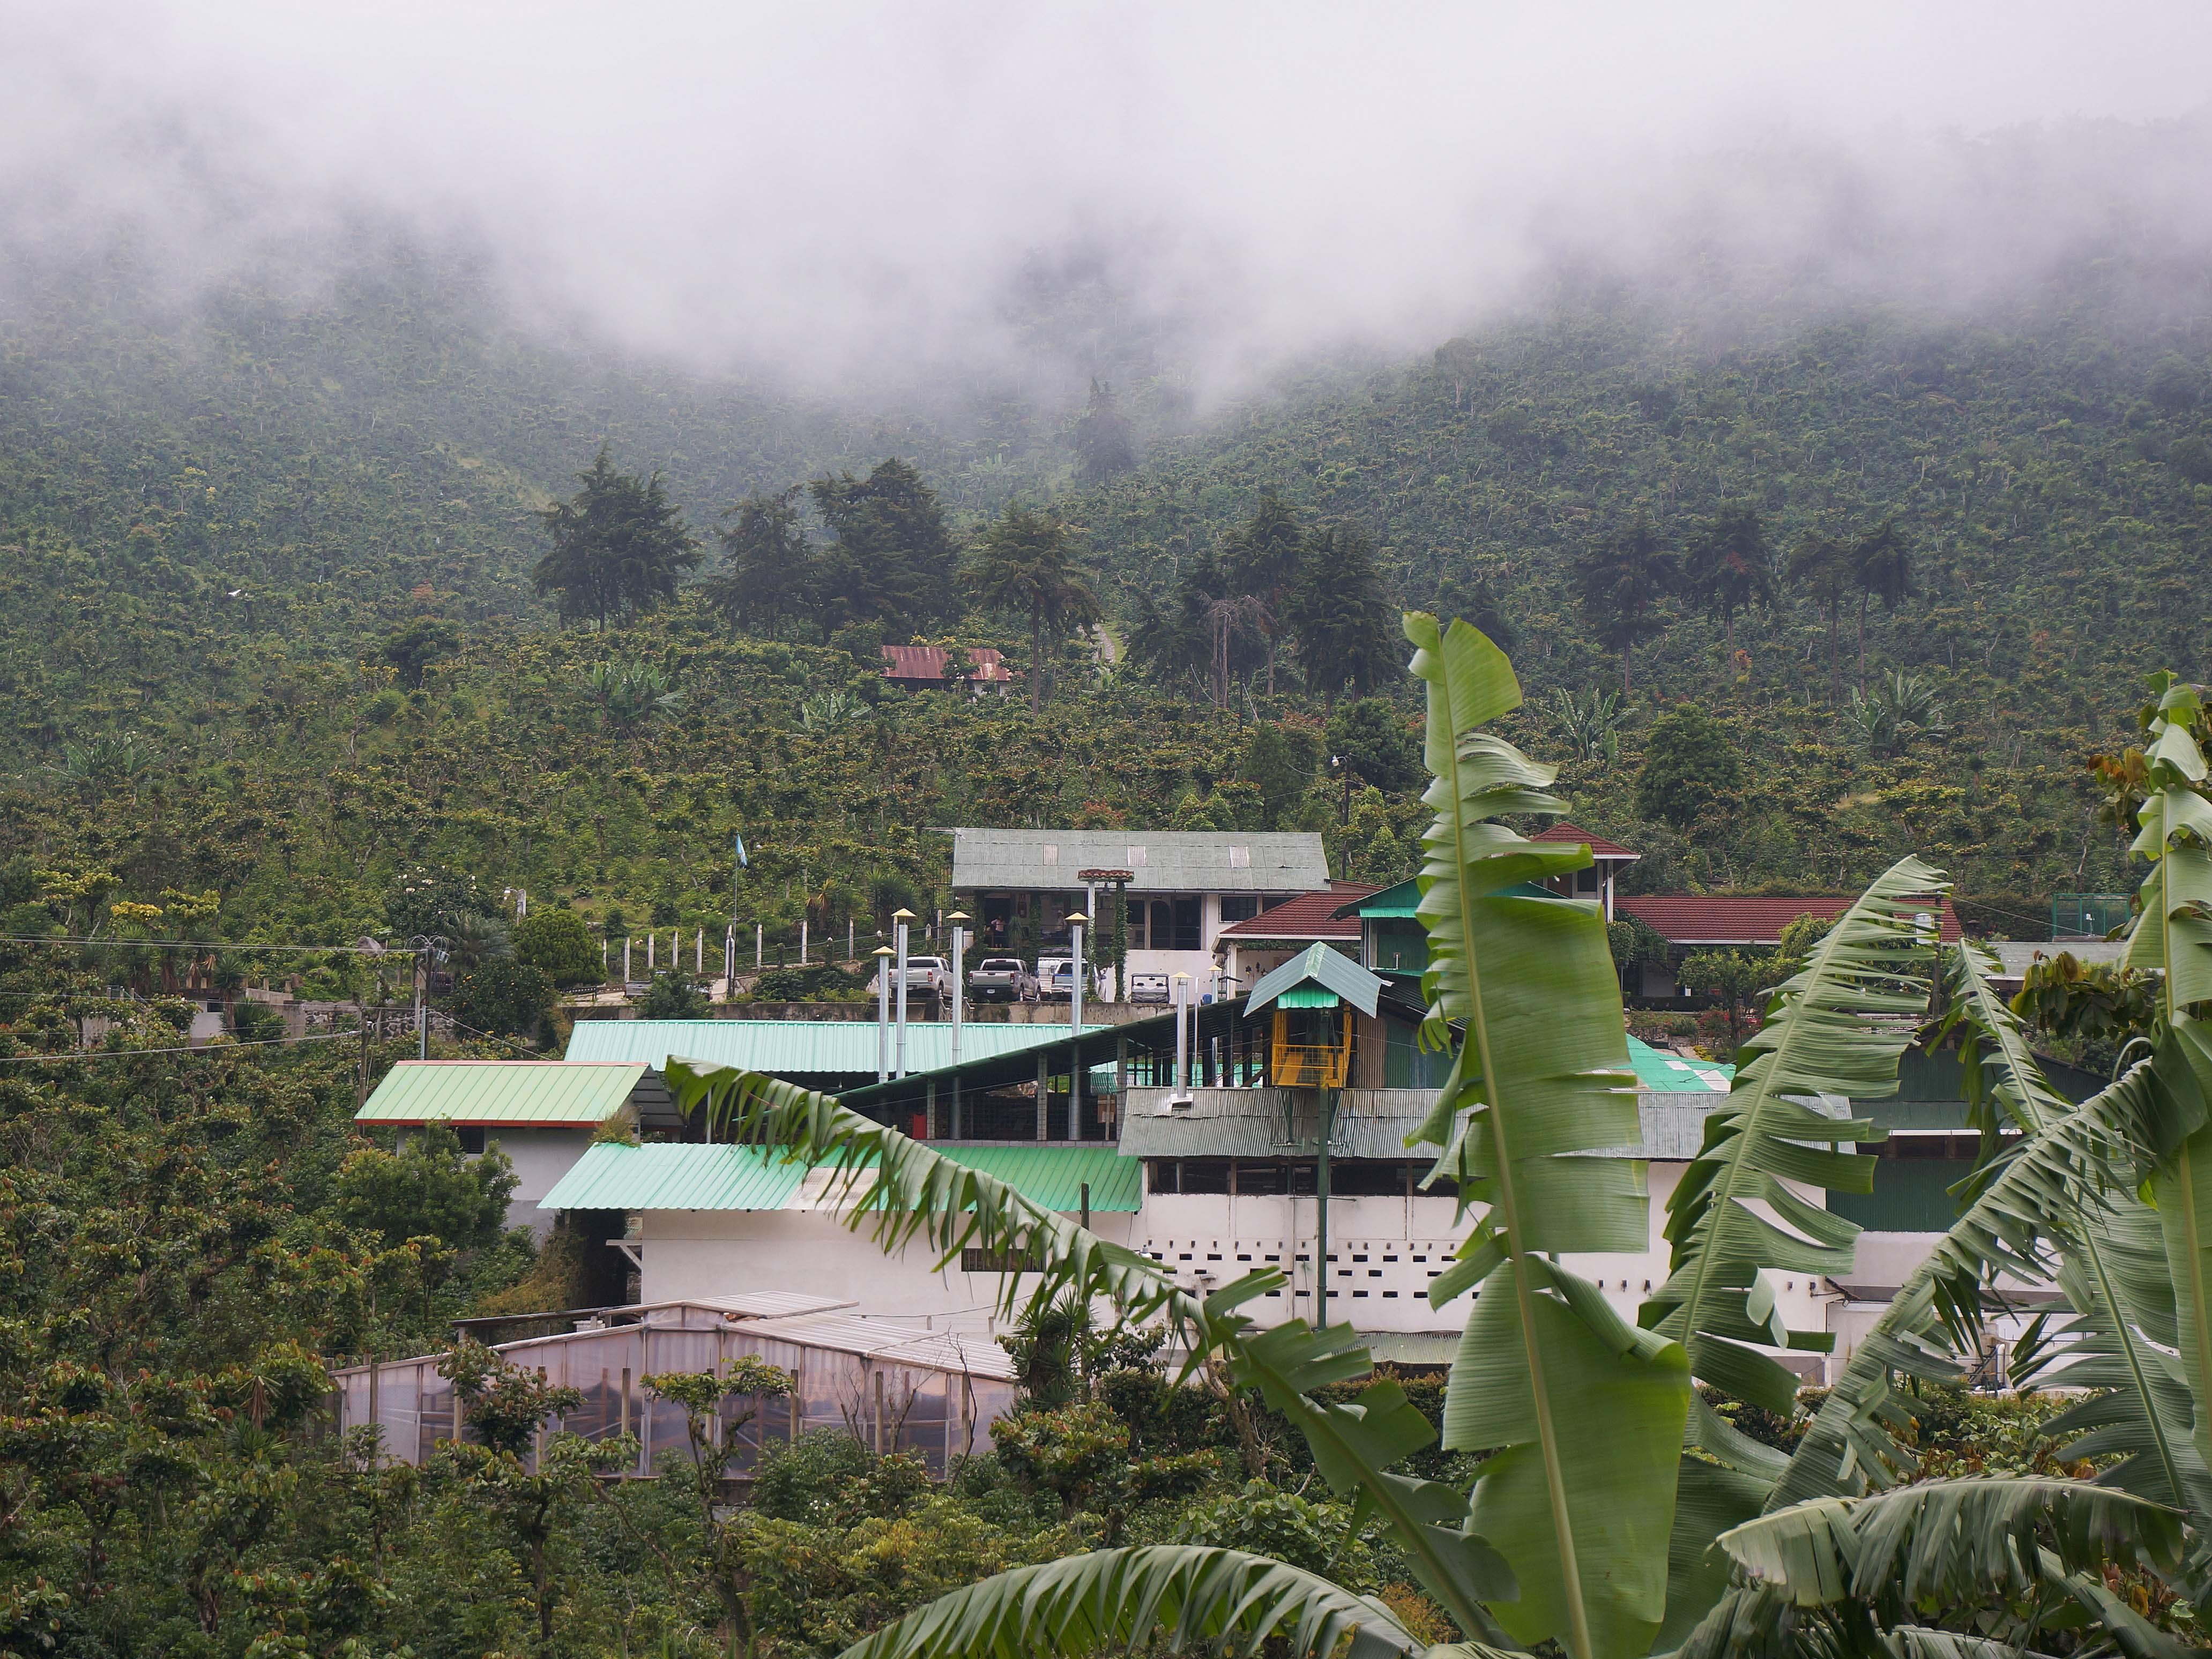 霧の中に浮かぶ エルインヘルトコーヒー農園